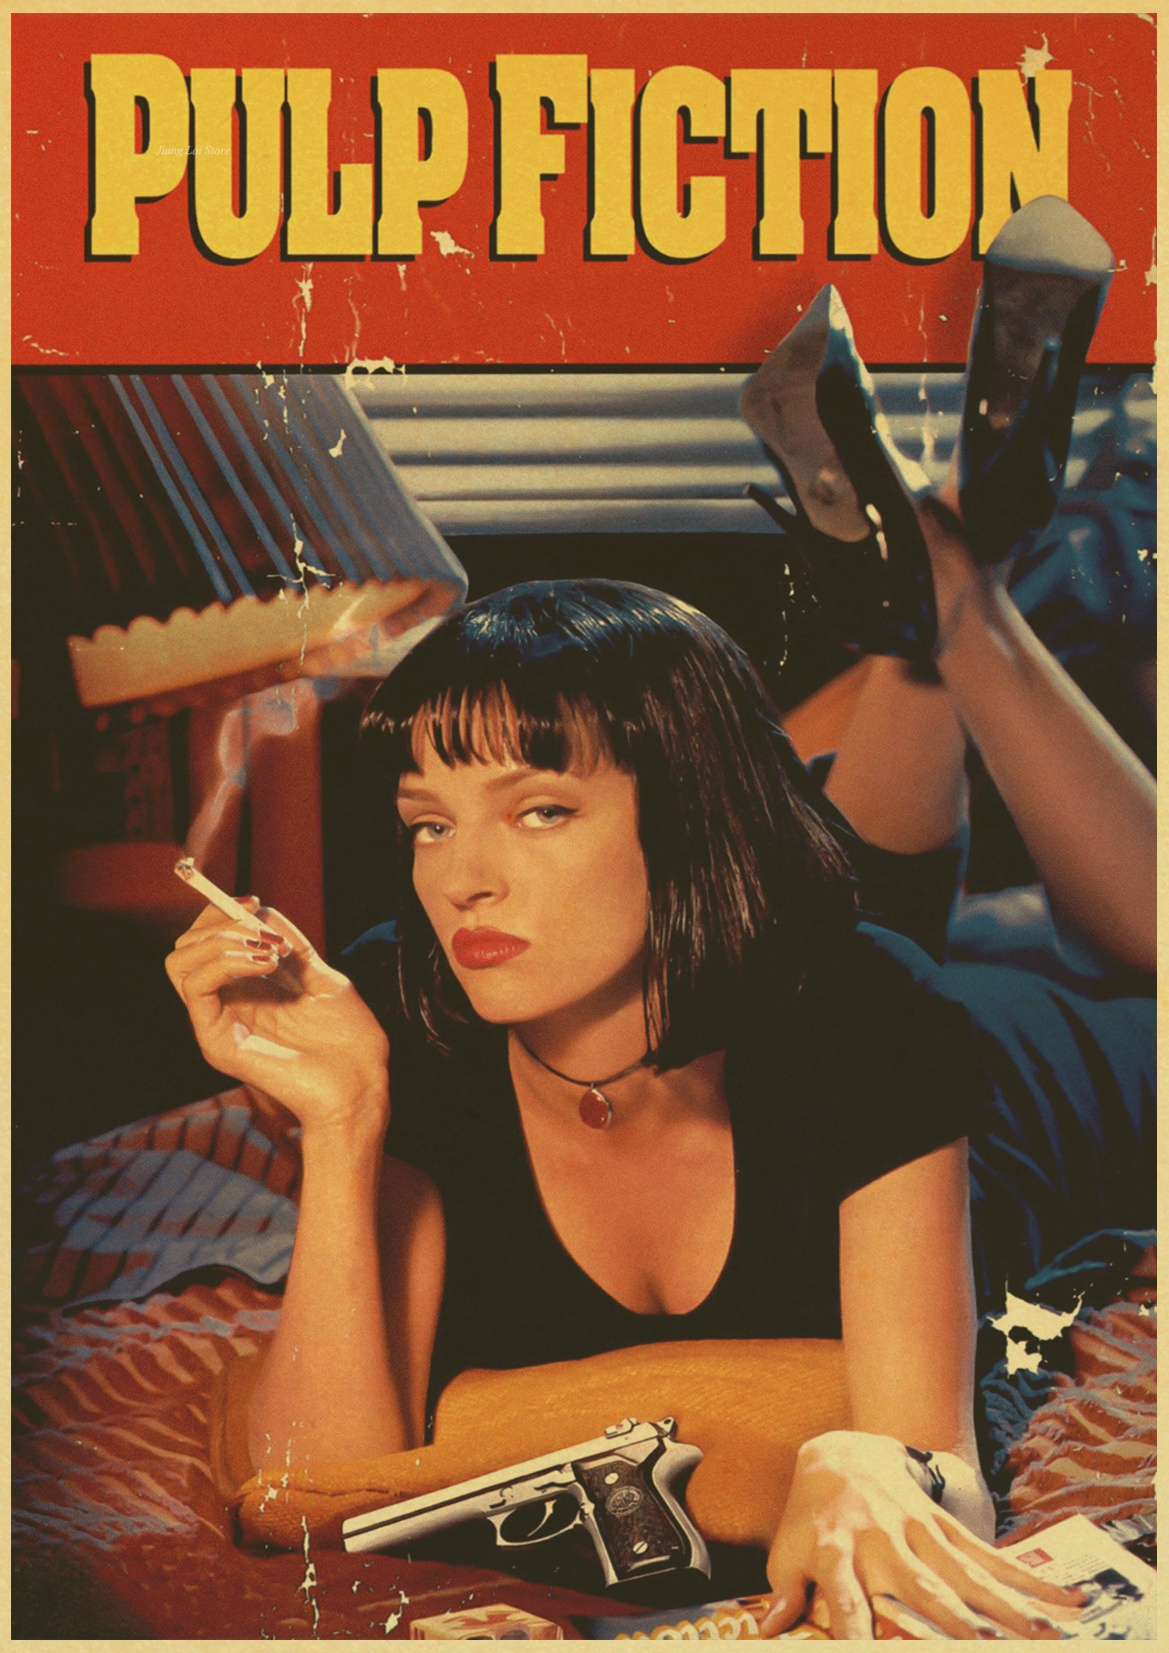 Quentin Tarantino KLASSISCHE FILM PULP FICTION Retro Poster Vintage poster  Wand Dekor Für Home Bar Cafe